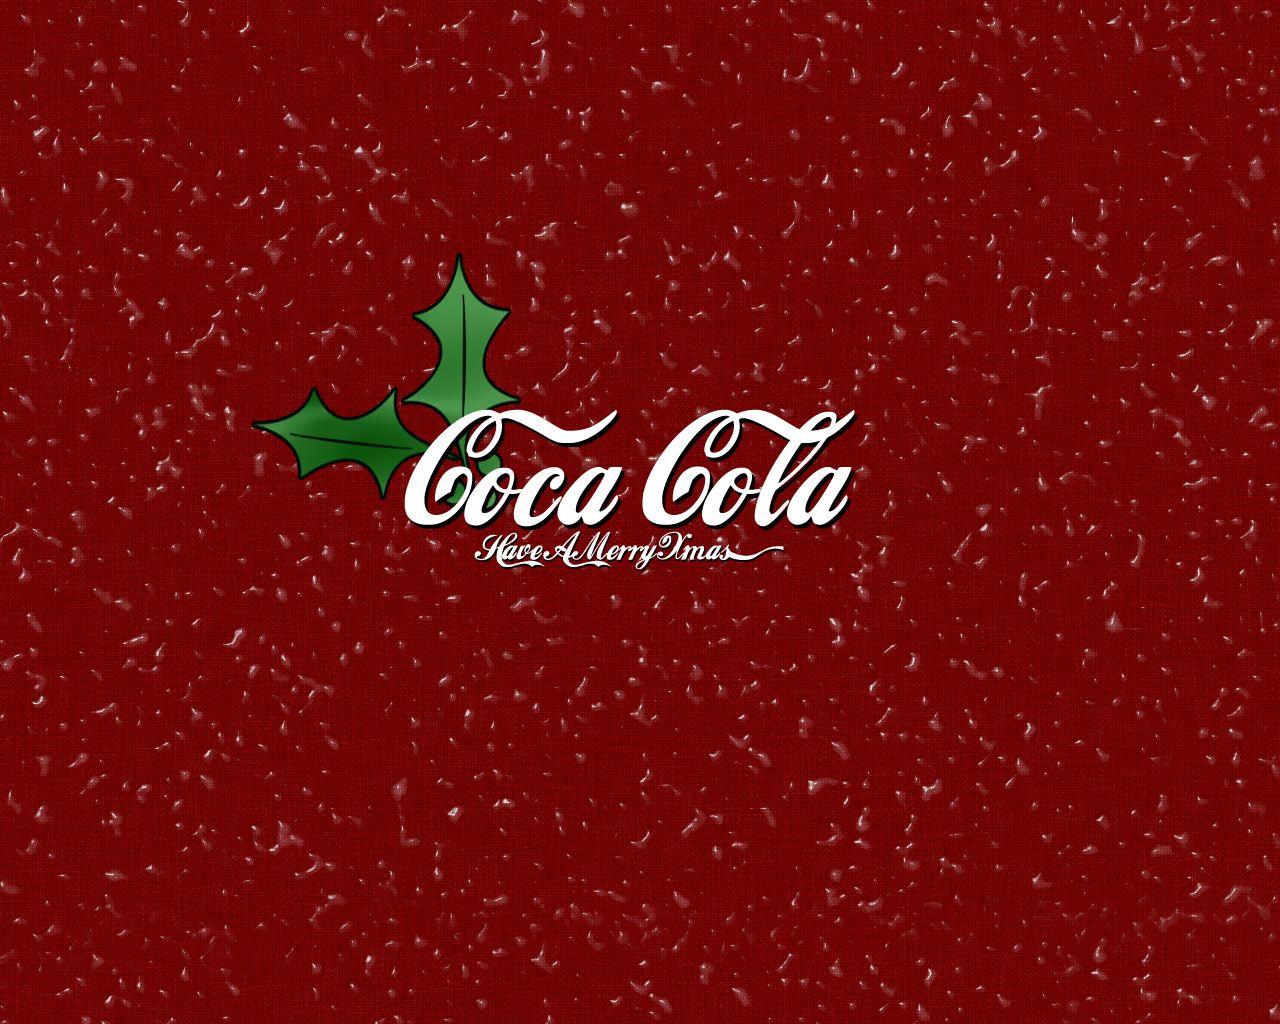 coca cola christmas desktop backgrounds free download. Black Bedroom Furniture Sets. Home Design Ideas